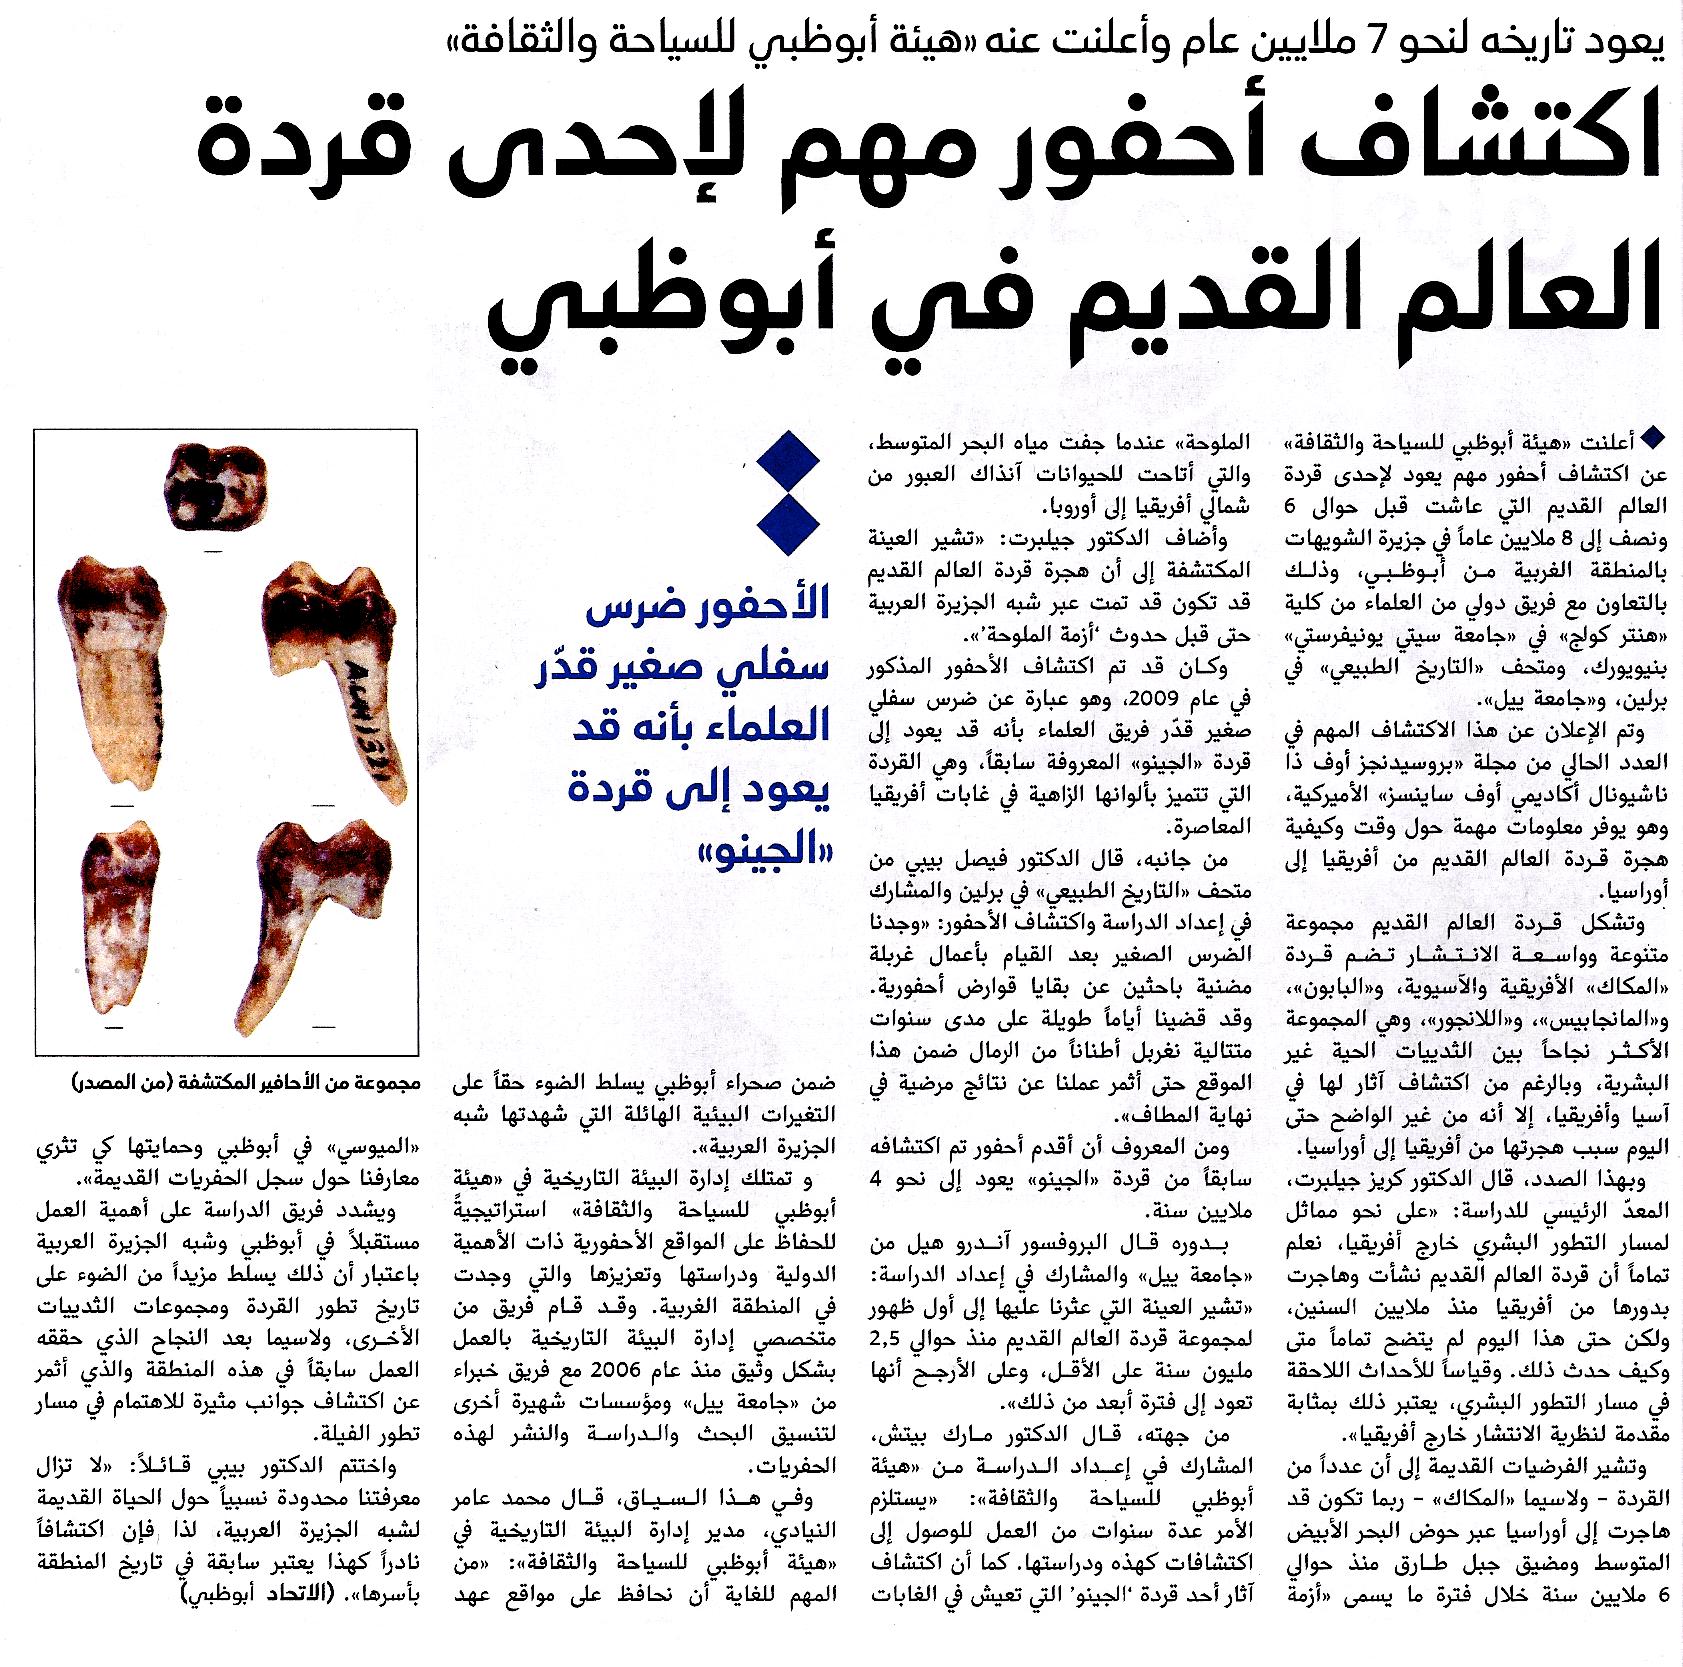 Al-Ittihad-20140704